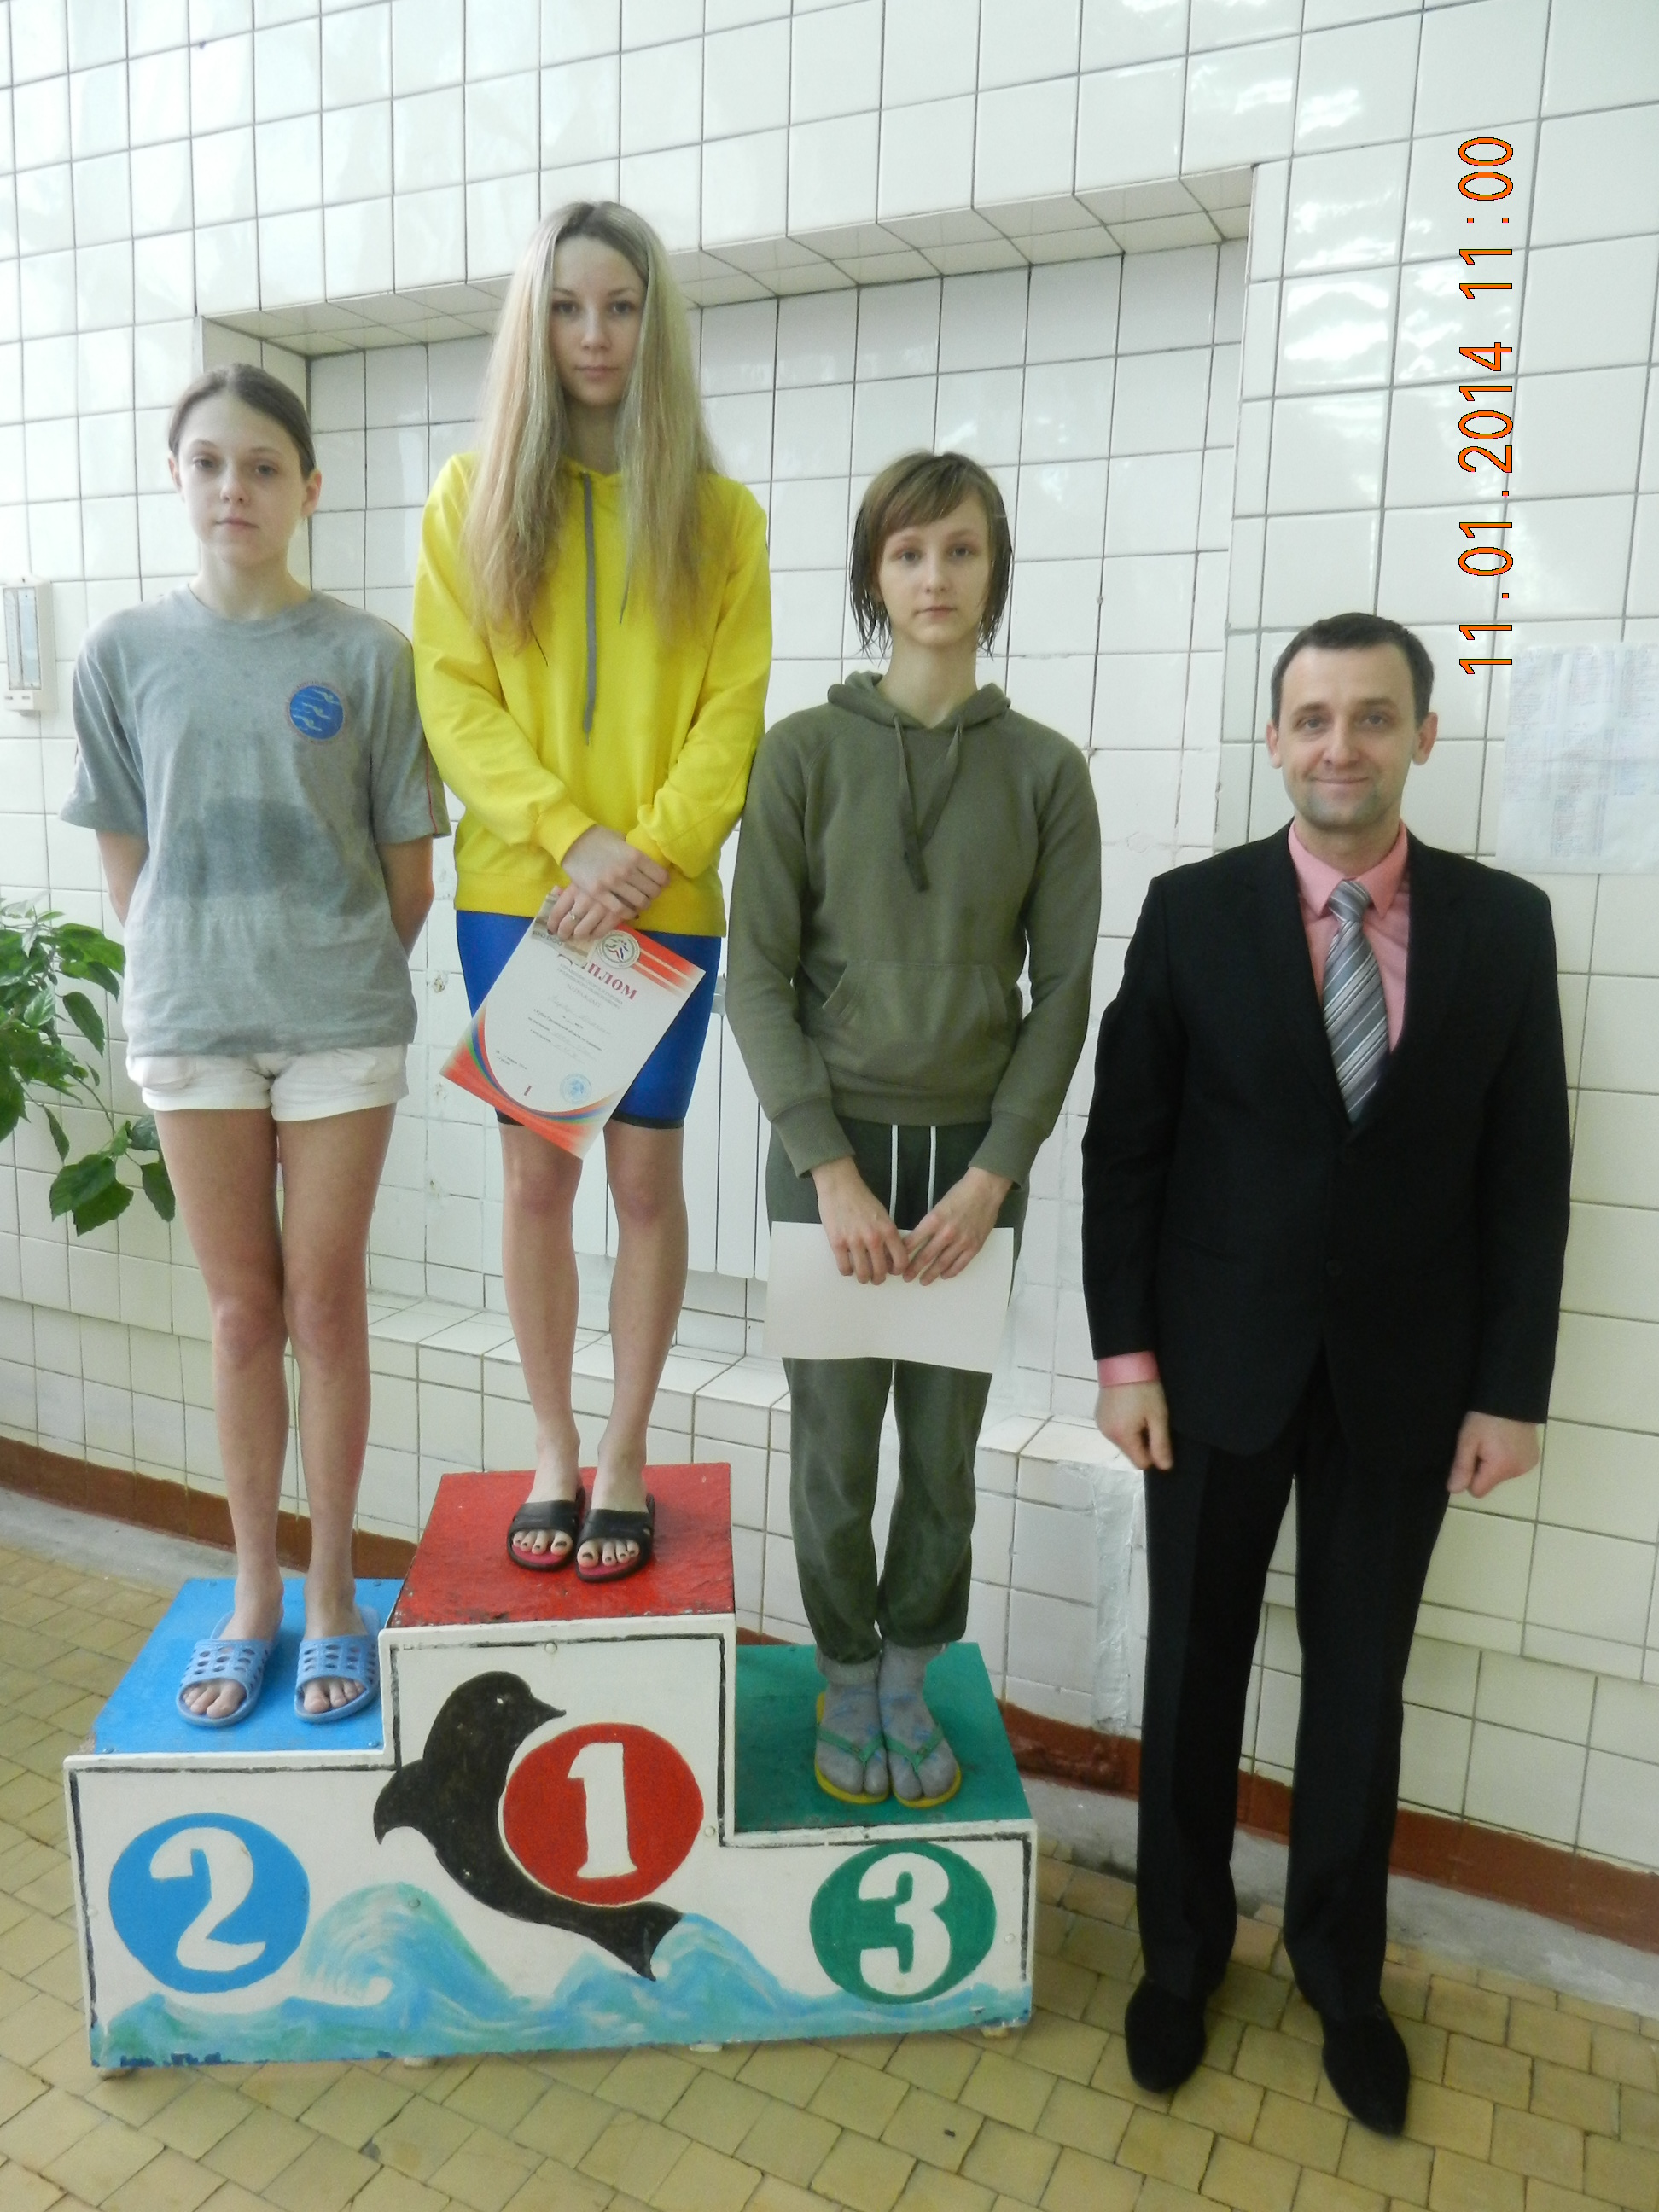 Награждение 200н/сп.Надежда Мазуркевич новый КМС